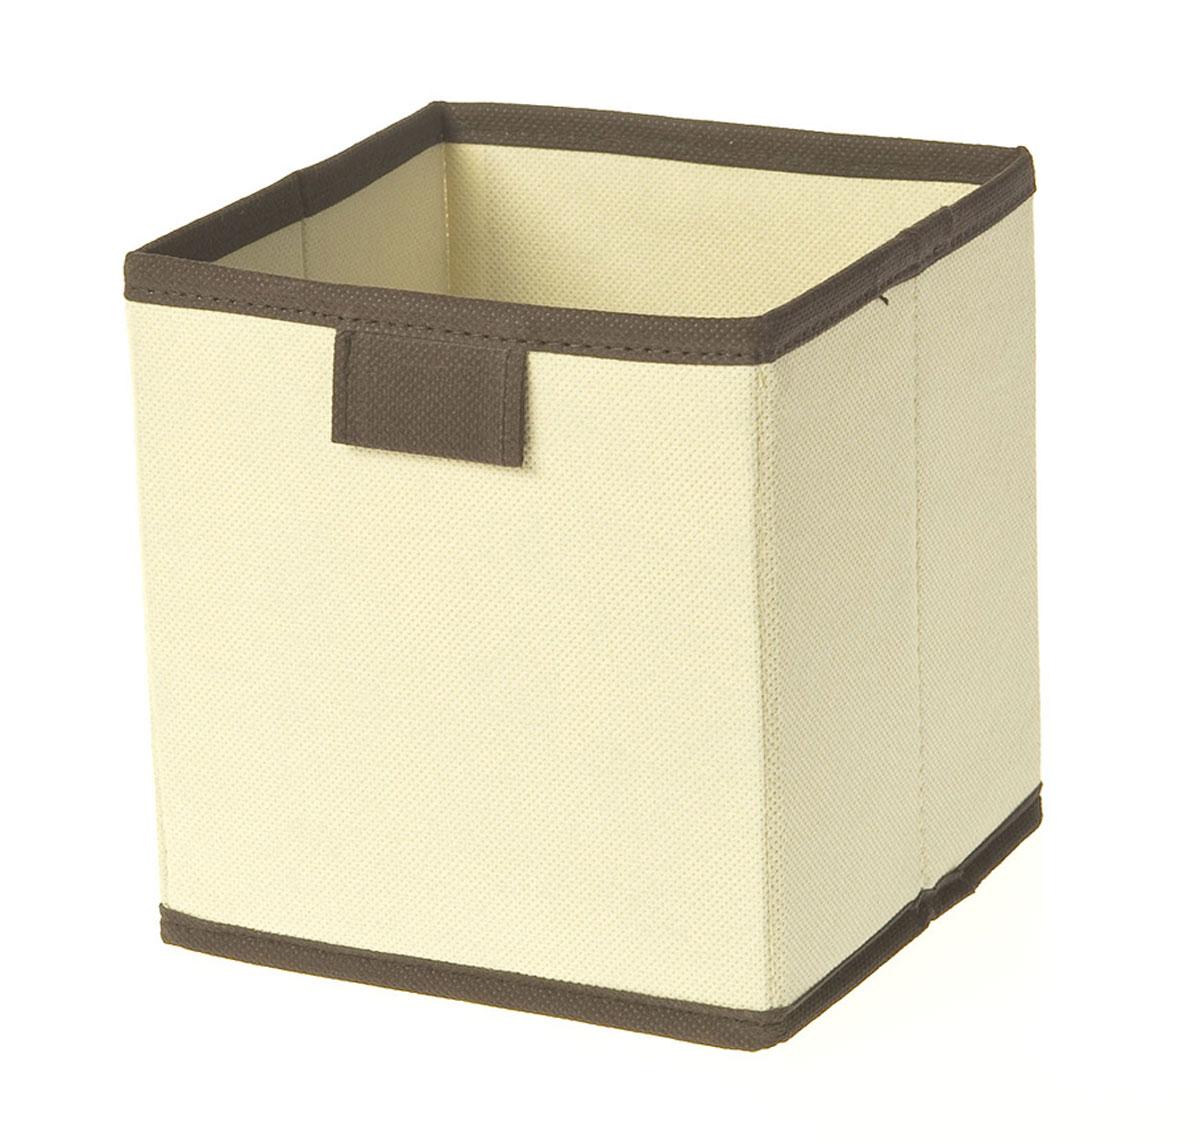 Коробка для хранения Youll love, 14 х 14 х 15 см70852